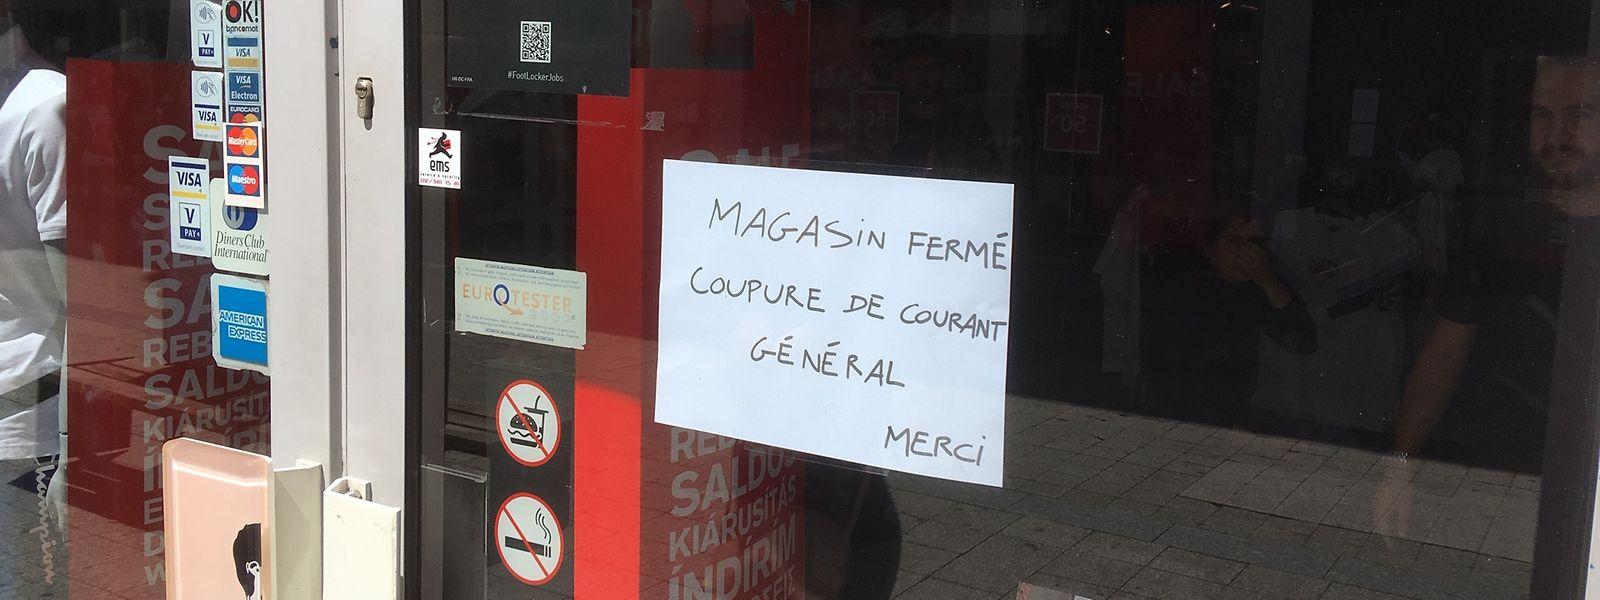 Mehrere Geschäfte in der Rue de l'Alzette beschlossen am Mittwoch, aufgrund der Strompanne kurzerhand zu schließen. Kurz vor 15 Uhr gingen die Lichter aber wieder an.